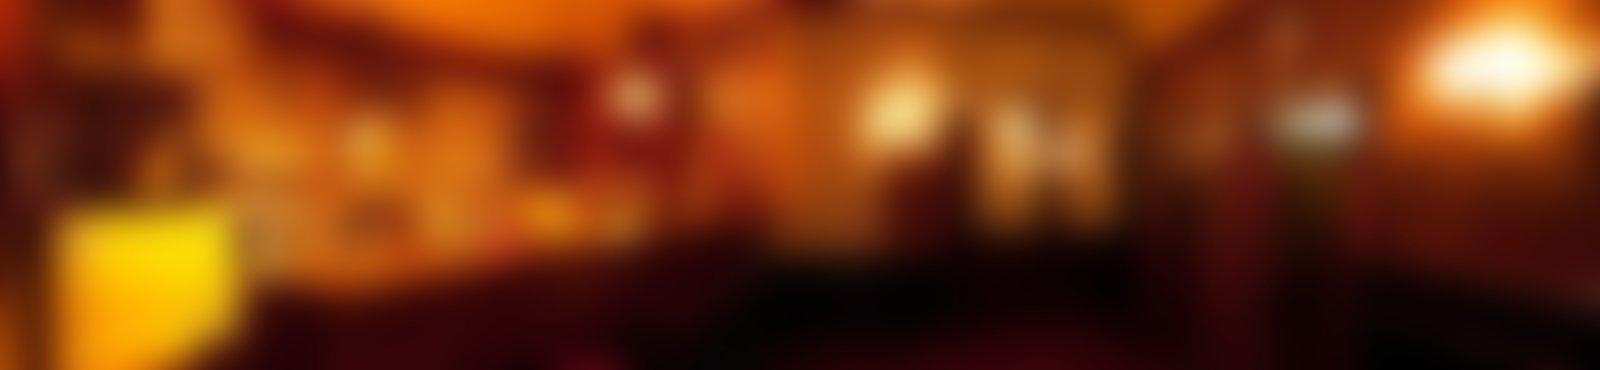 Blurred loftus hall